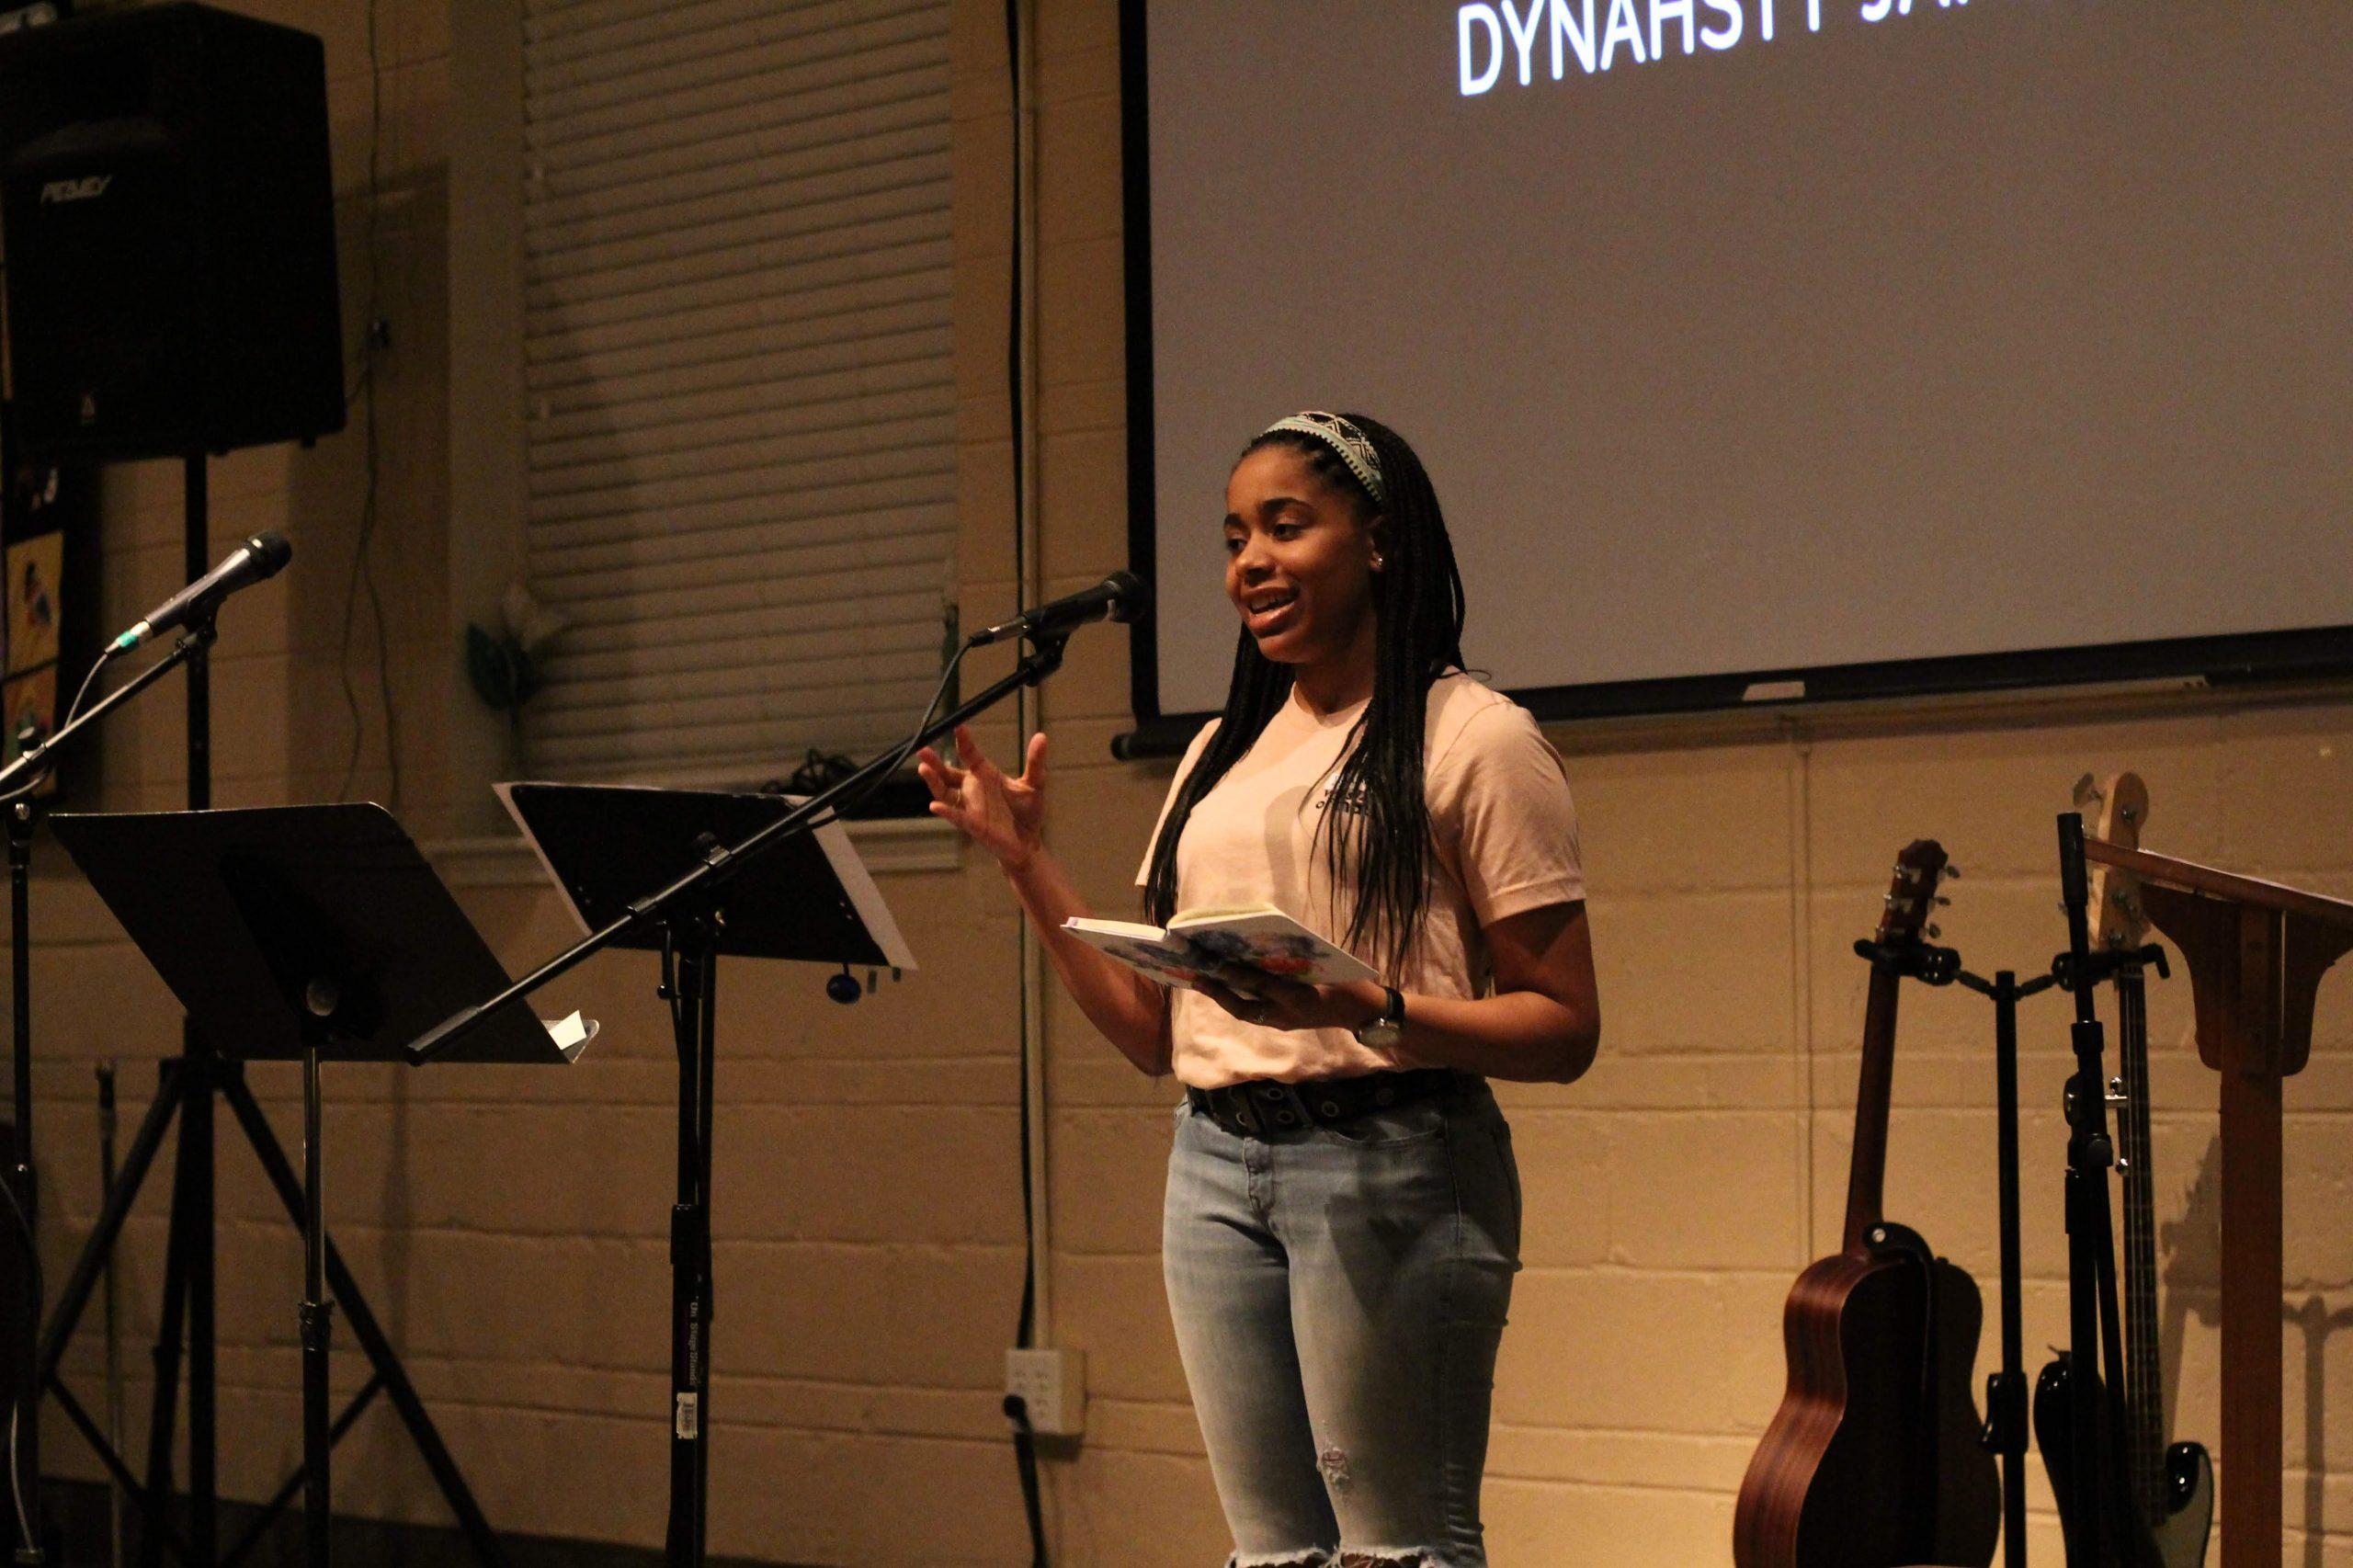 Dynahsty Testimony